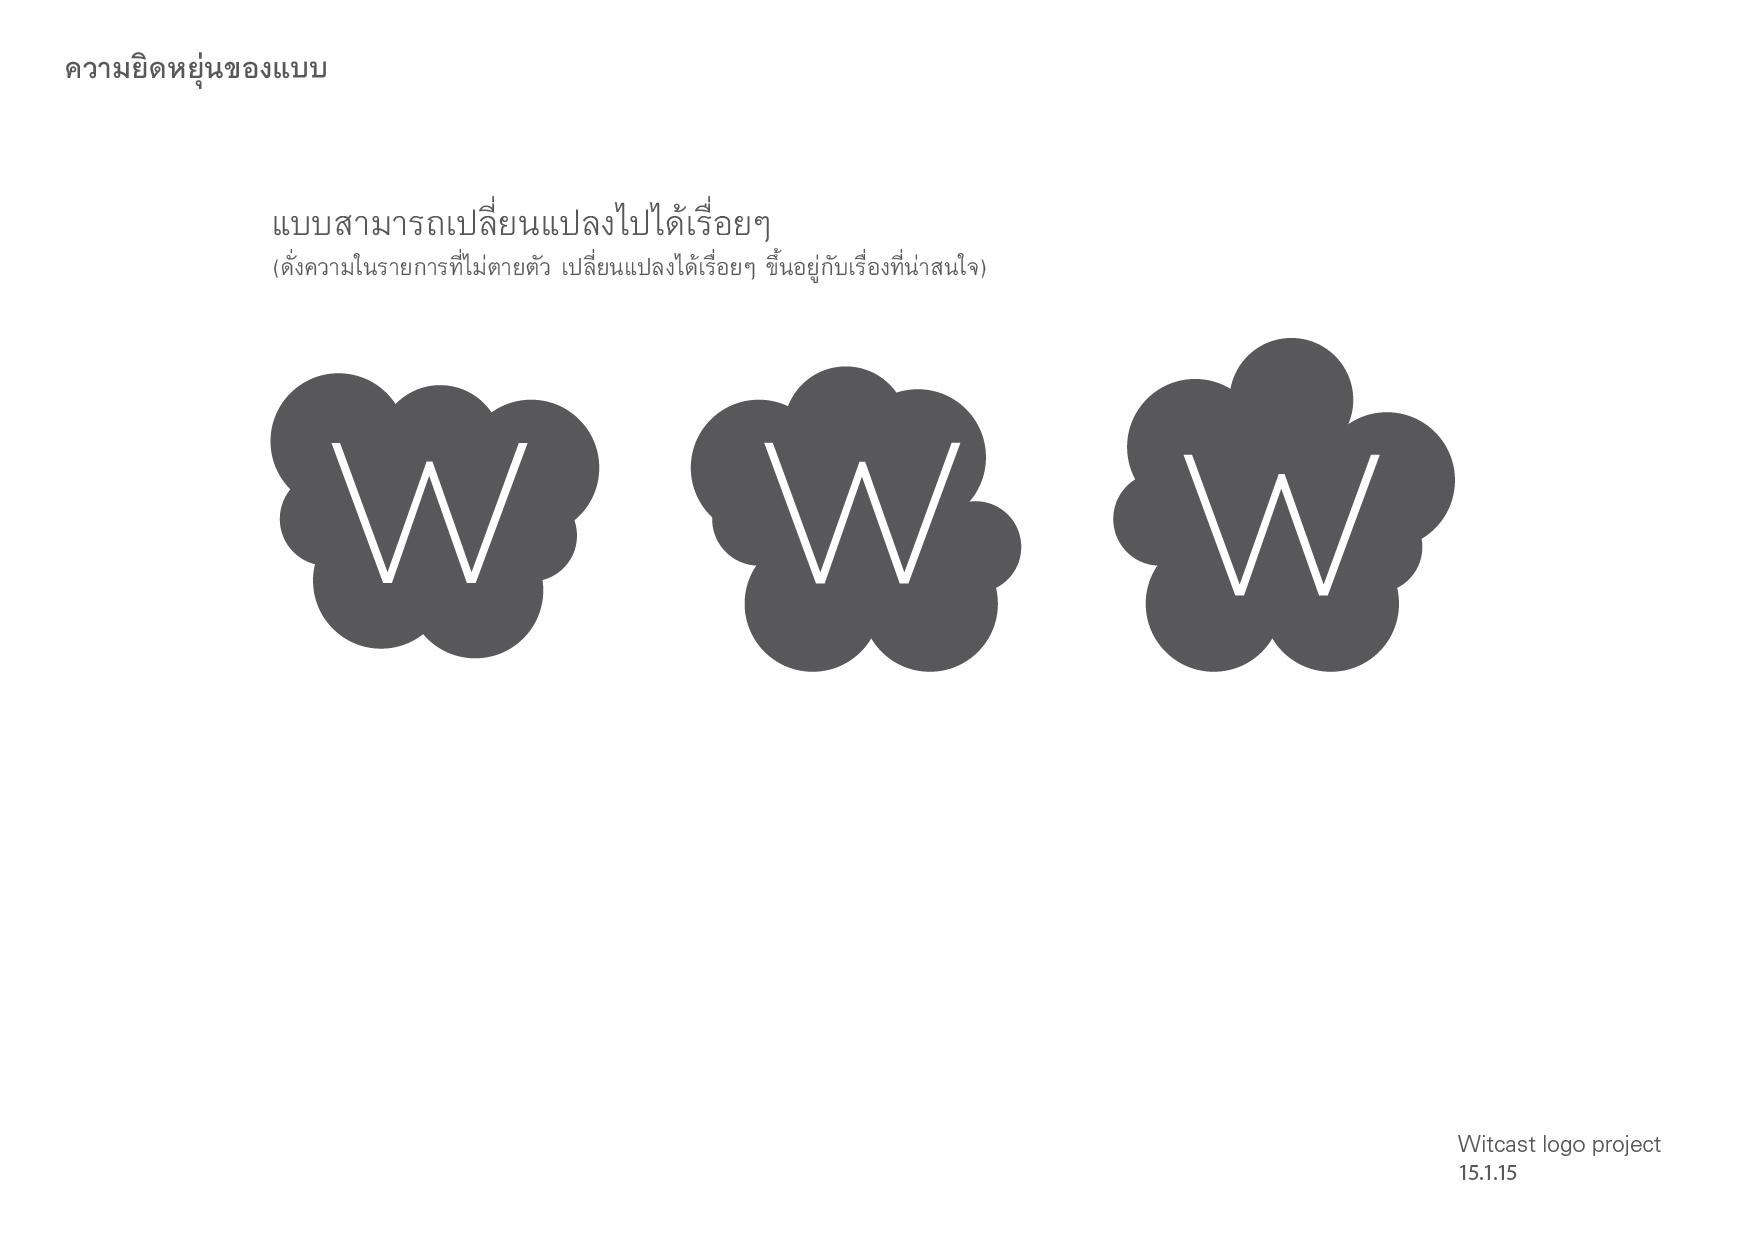 witcast2-07